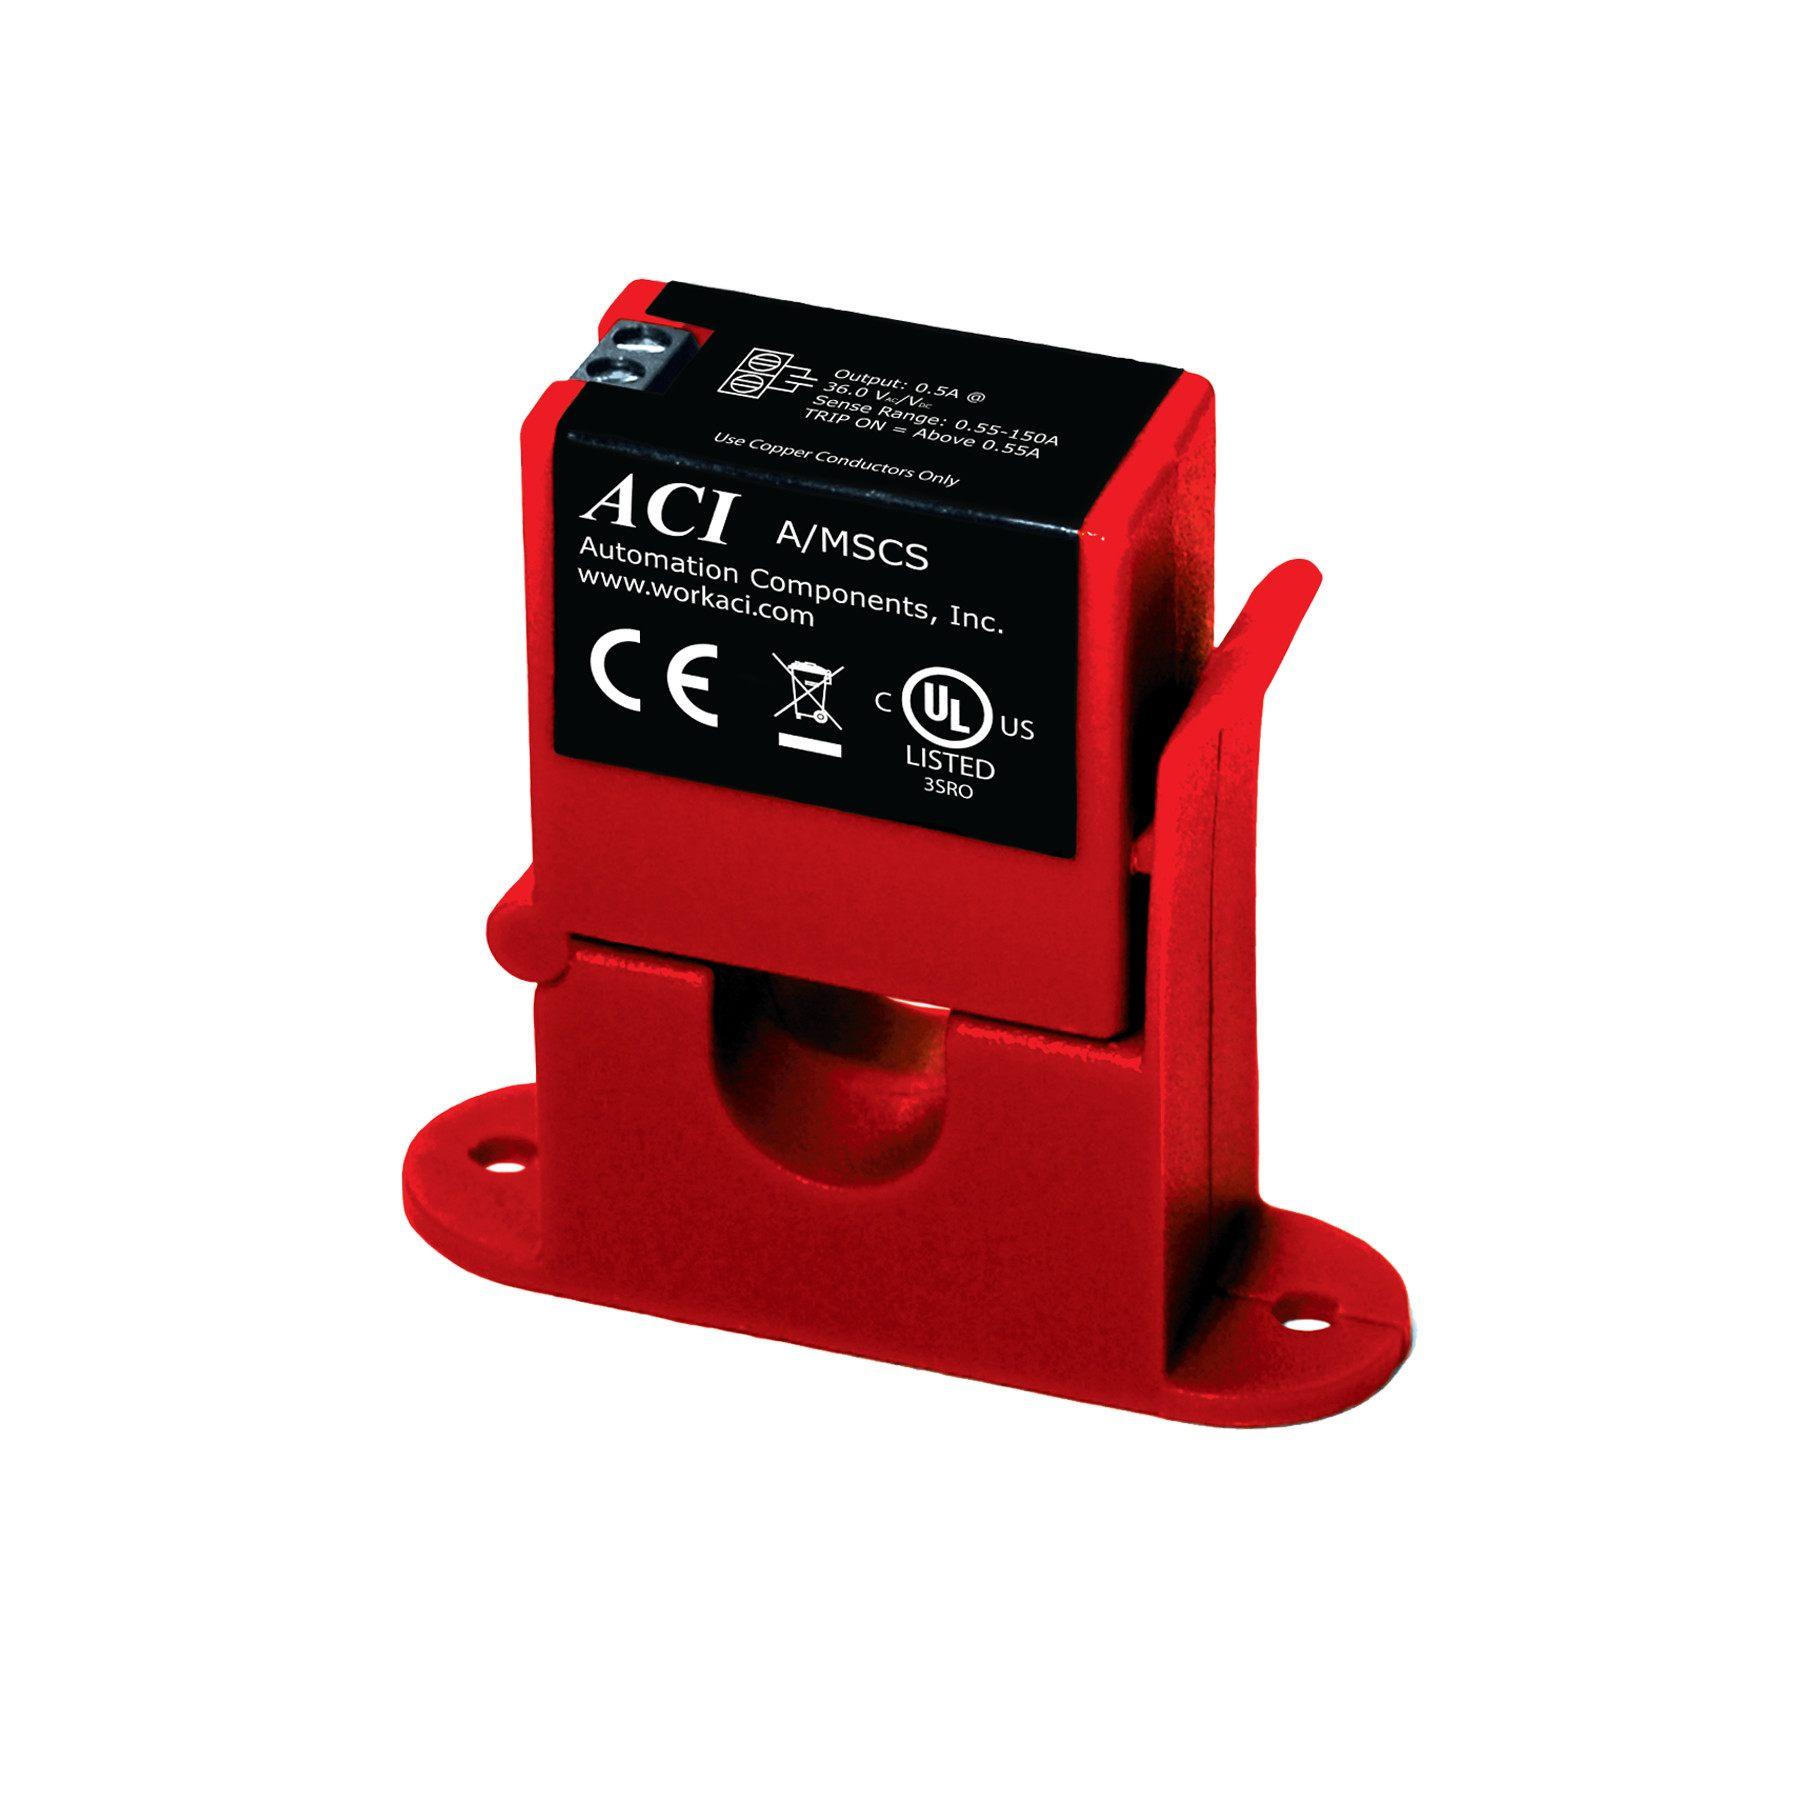 ACI  A/MSCS Current Sensors